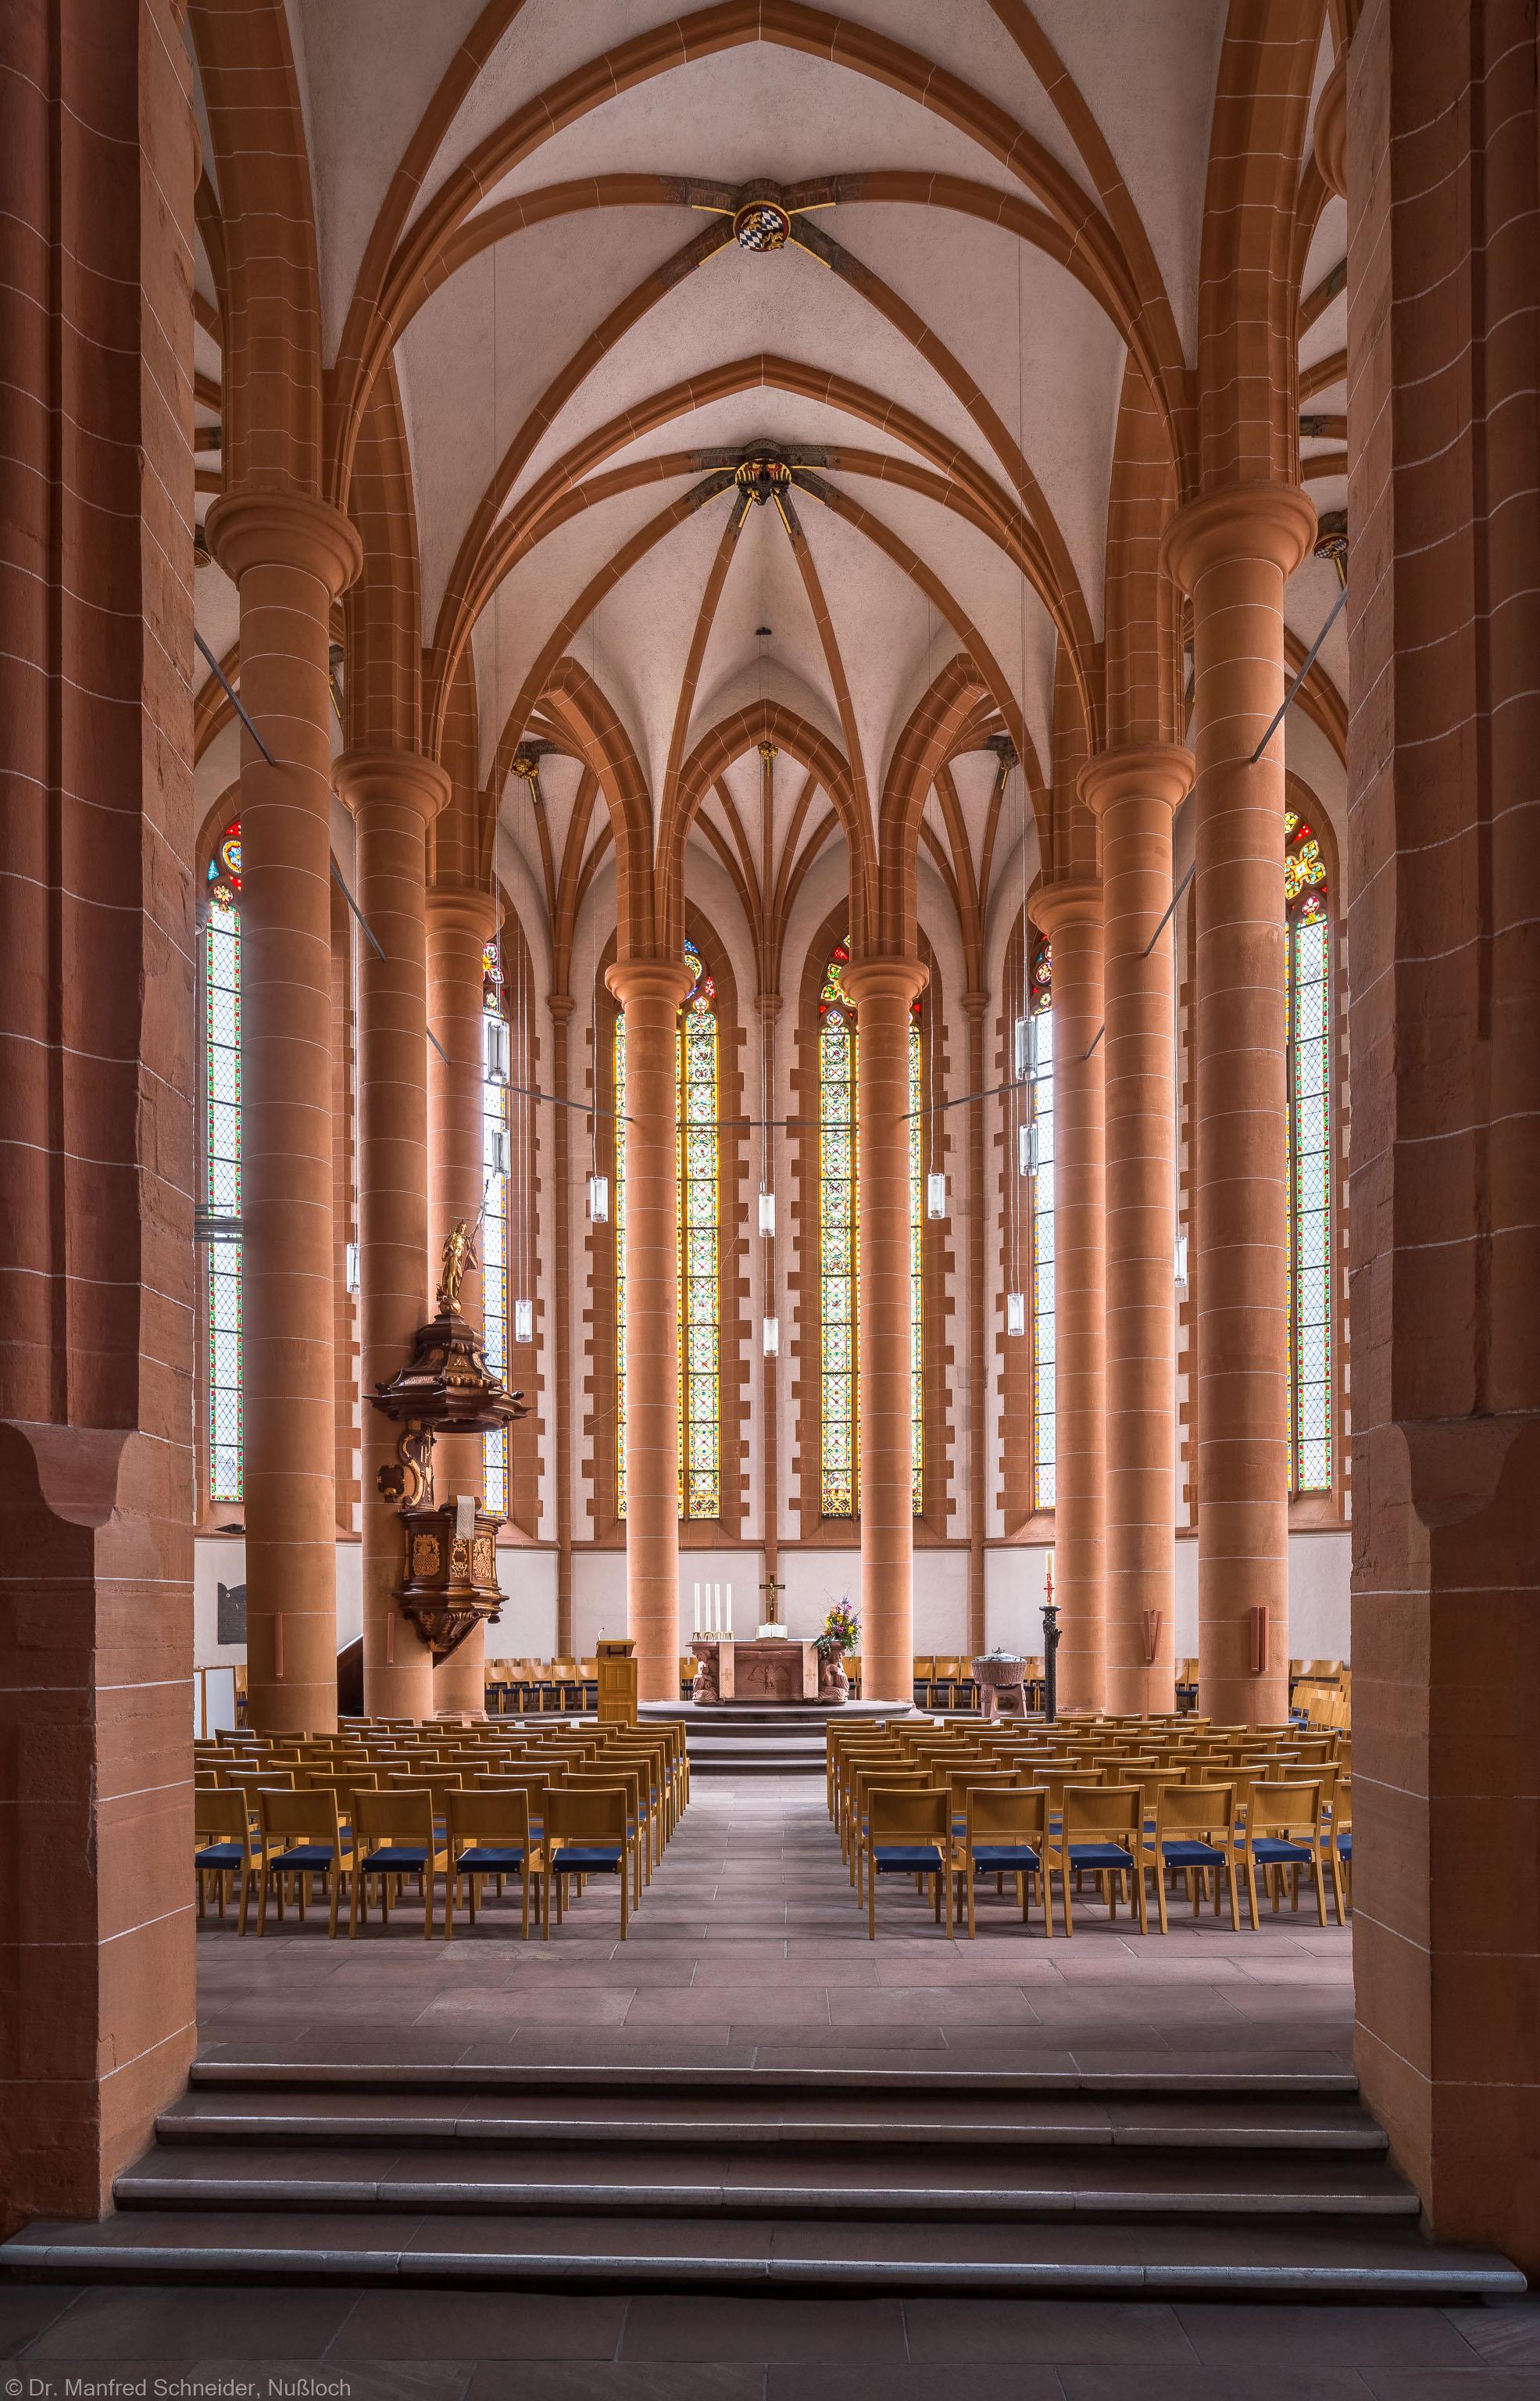 Heidelberg - Heiliggeistkirche - Chor - Blick in den Chor mit Triumphbogenpfeiler, Säulen, Gewölbe, Kanzel und Altar (aufgenommen im April 2013, am frühen Vormittag)